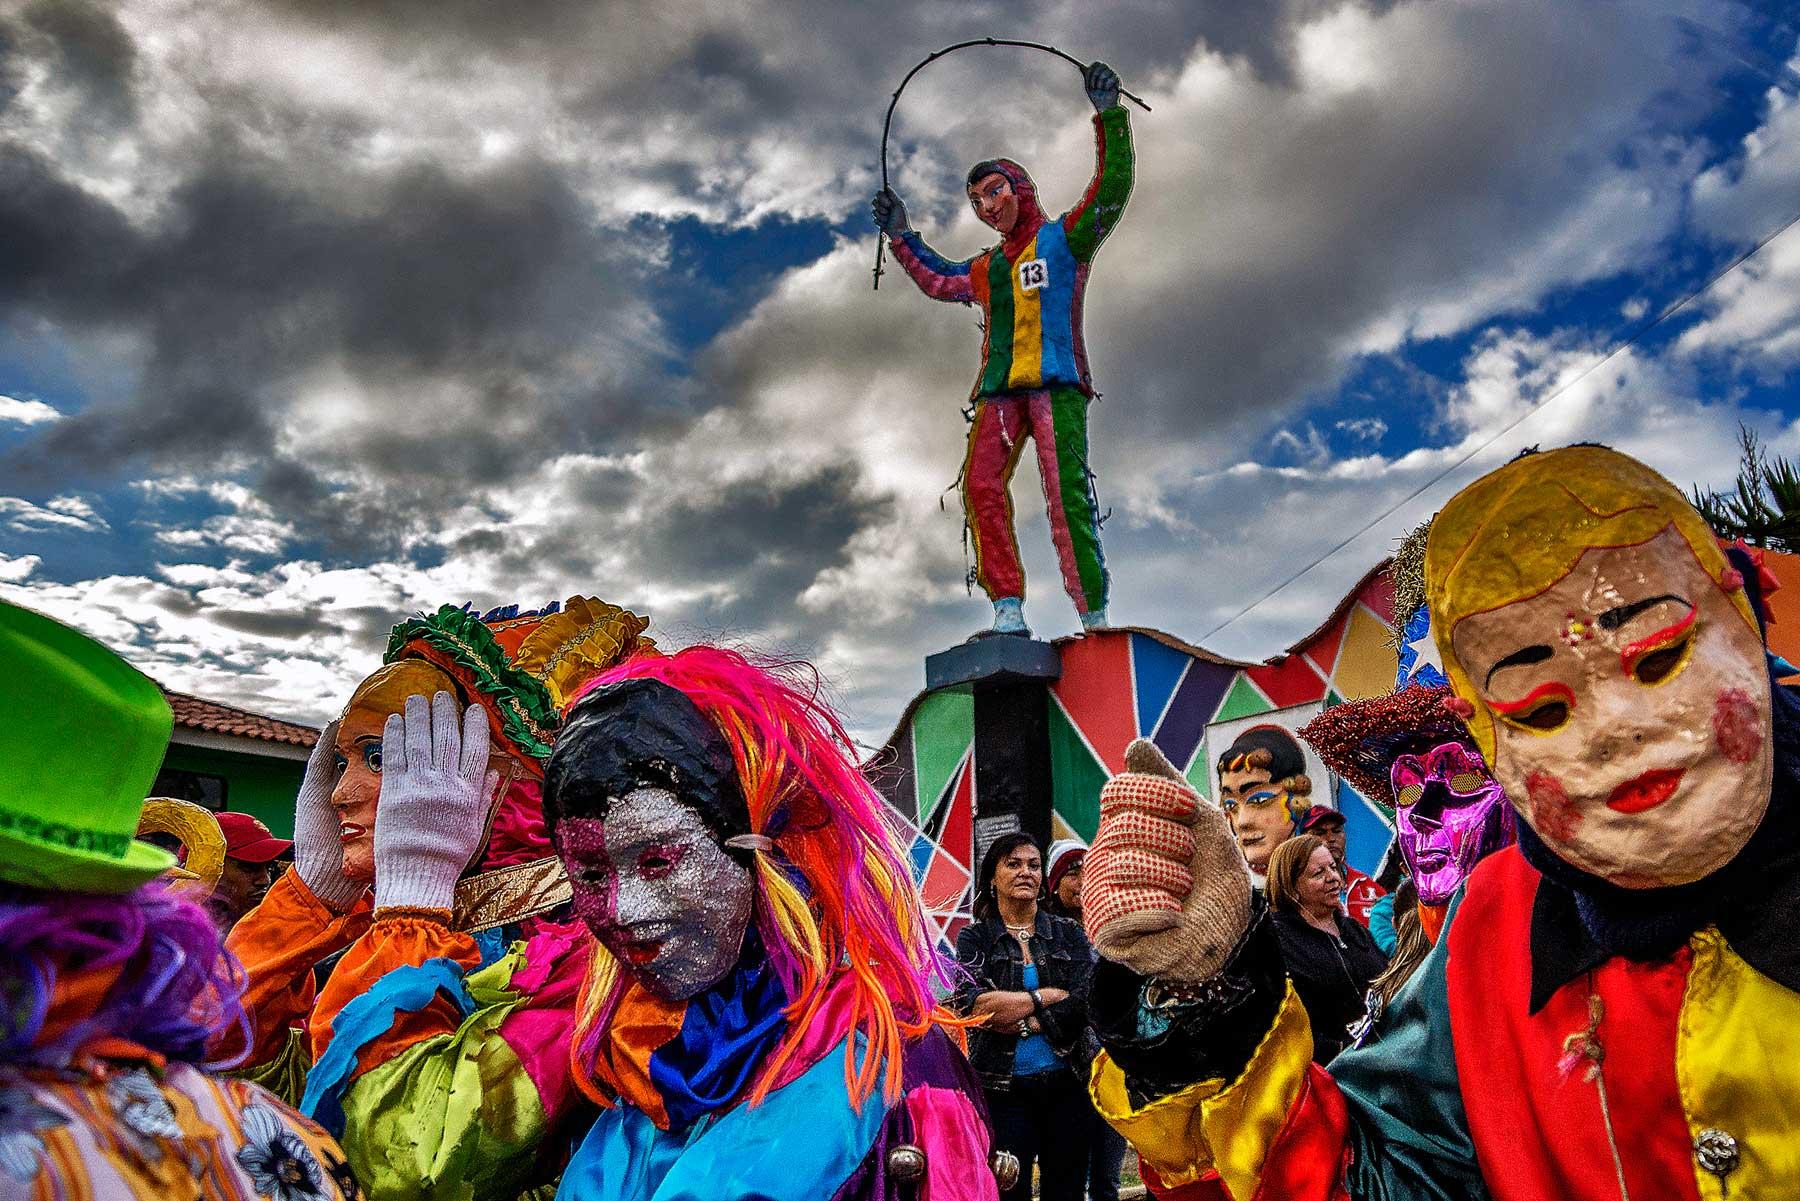 Día de los Santos Inocentes festival